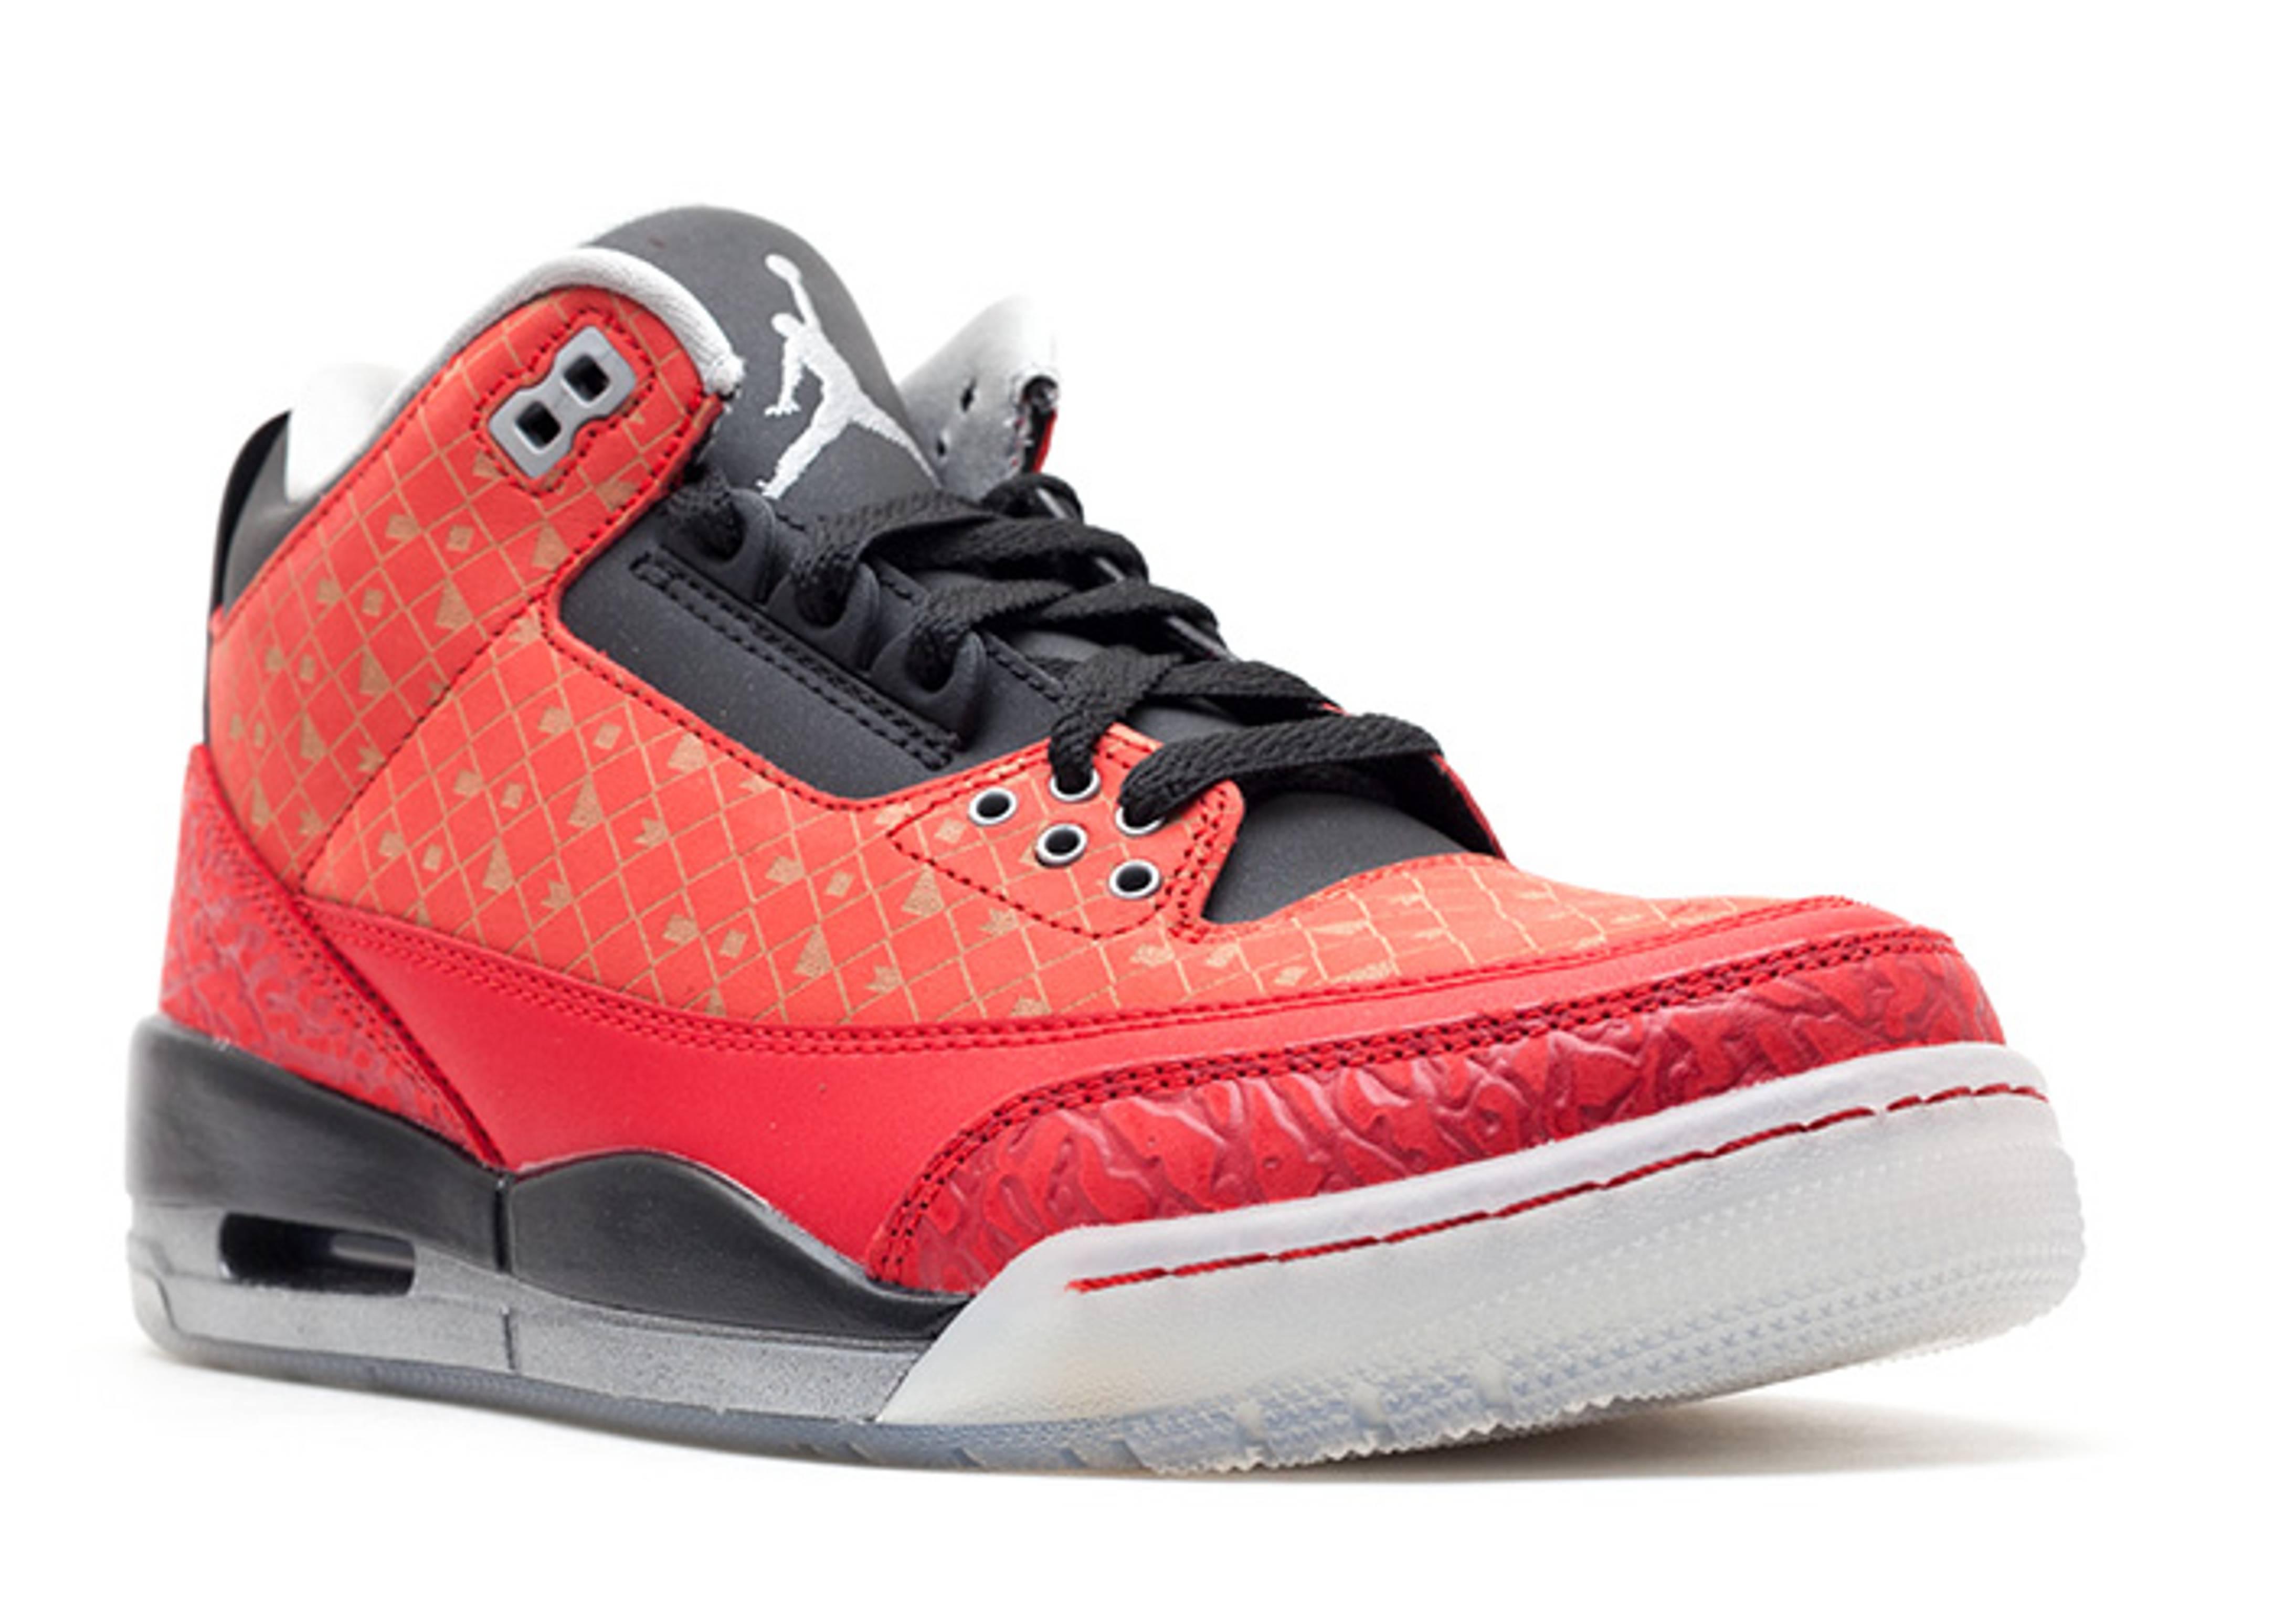 Air Jordan 3 Retro Db